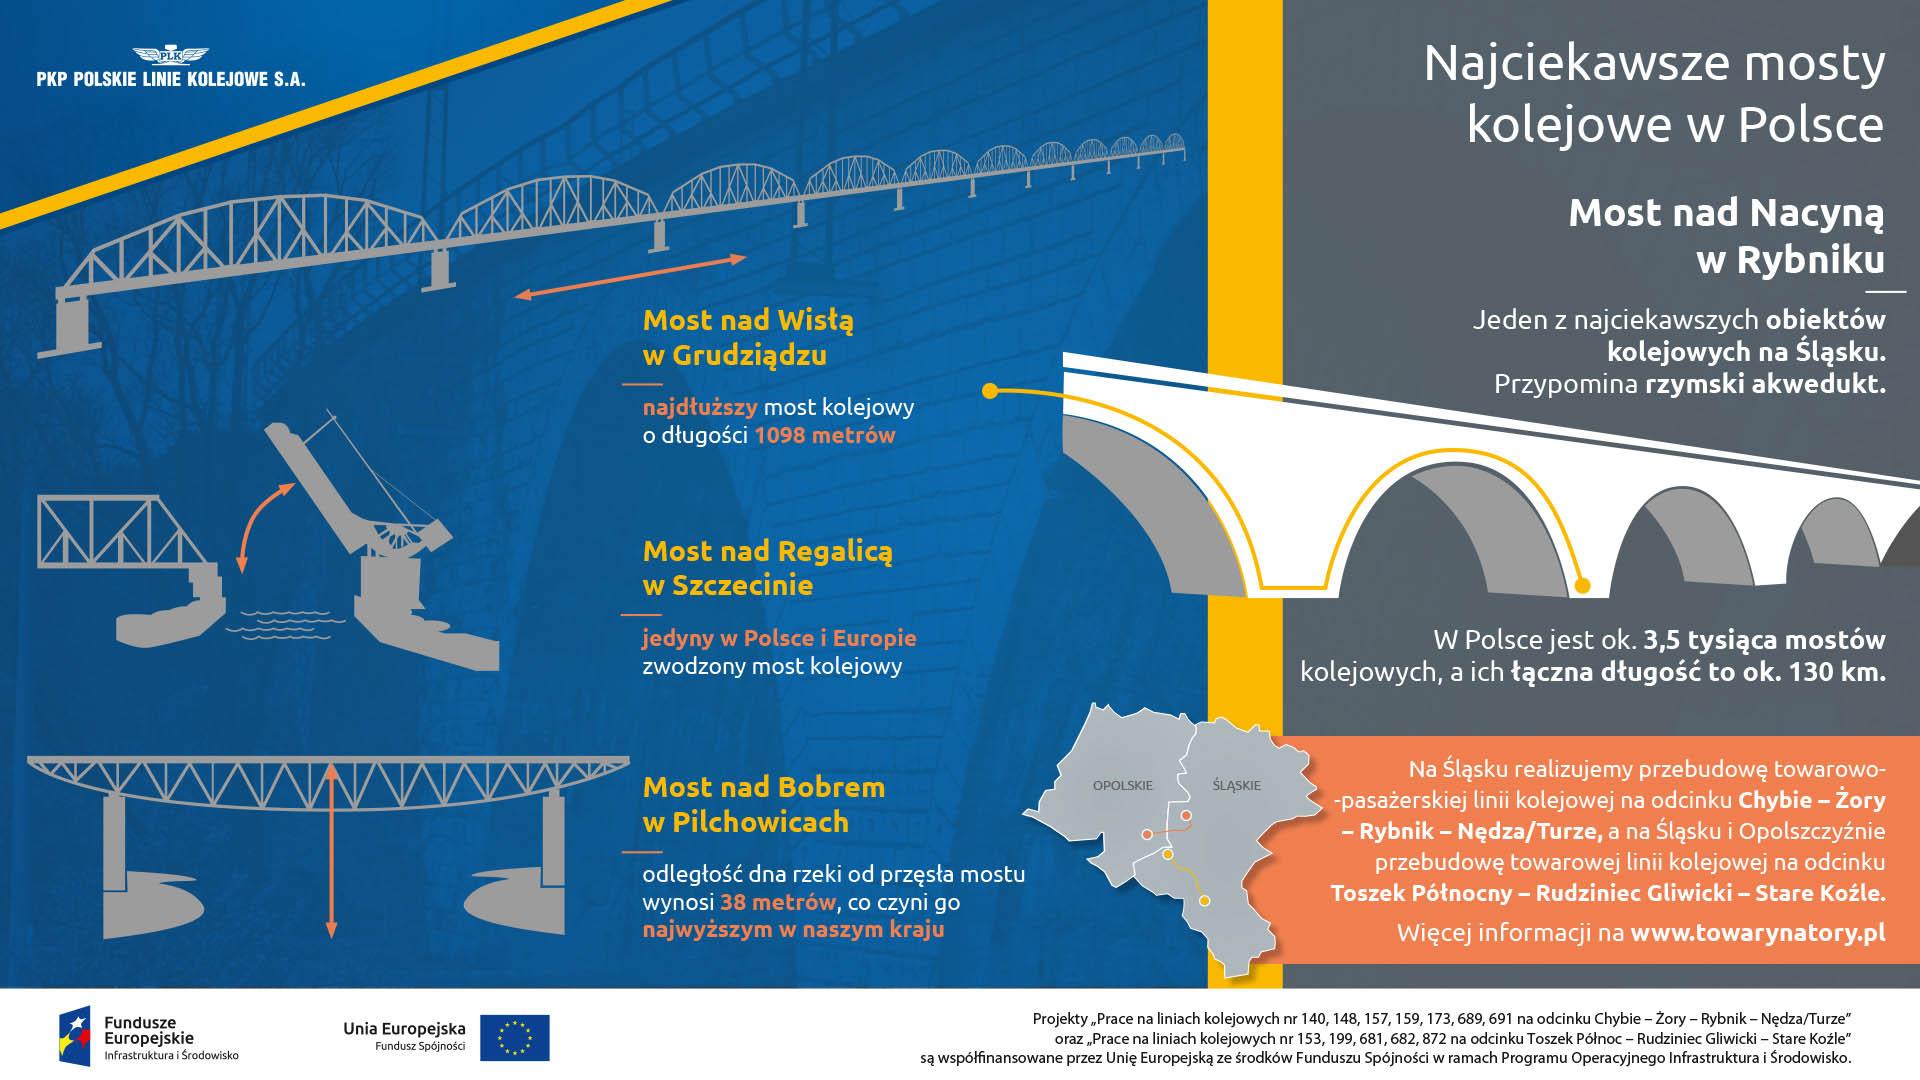 Infografika mówi o najciekawszych mostach kolejowych w Polsce. Wymienia najdłuższy most kolejowy nad Wisłą w Grudziądzu, most zwodzony nad Regalicą w Szczecinie, najwyższy most kolejowy nad Bobem w Pilchowicach. Most zamysłowski jest jednym z najciekawszych tego typu obiektów na śląsku.